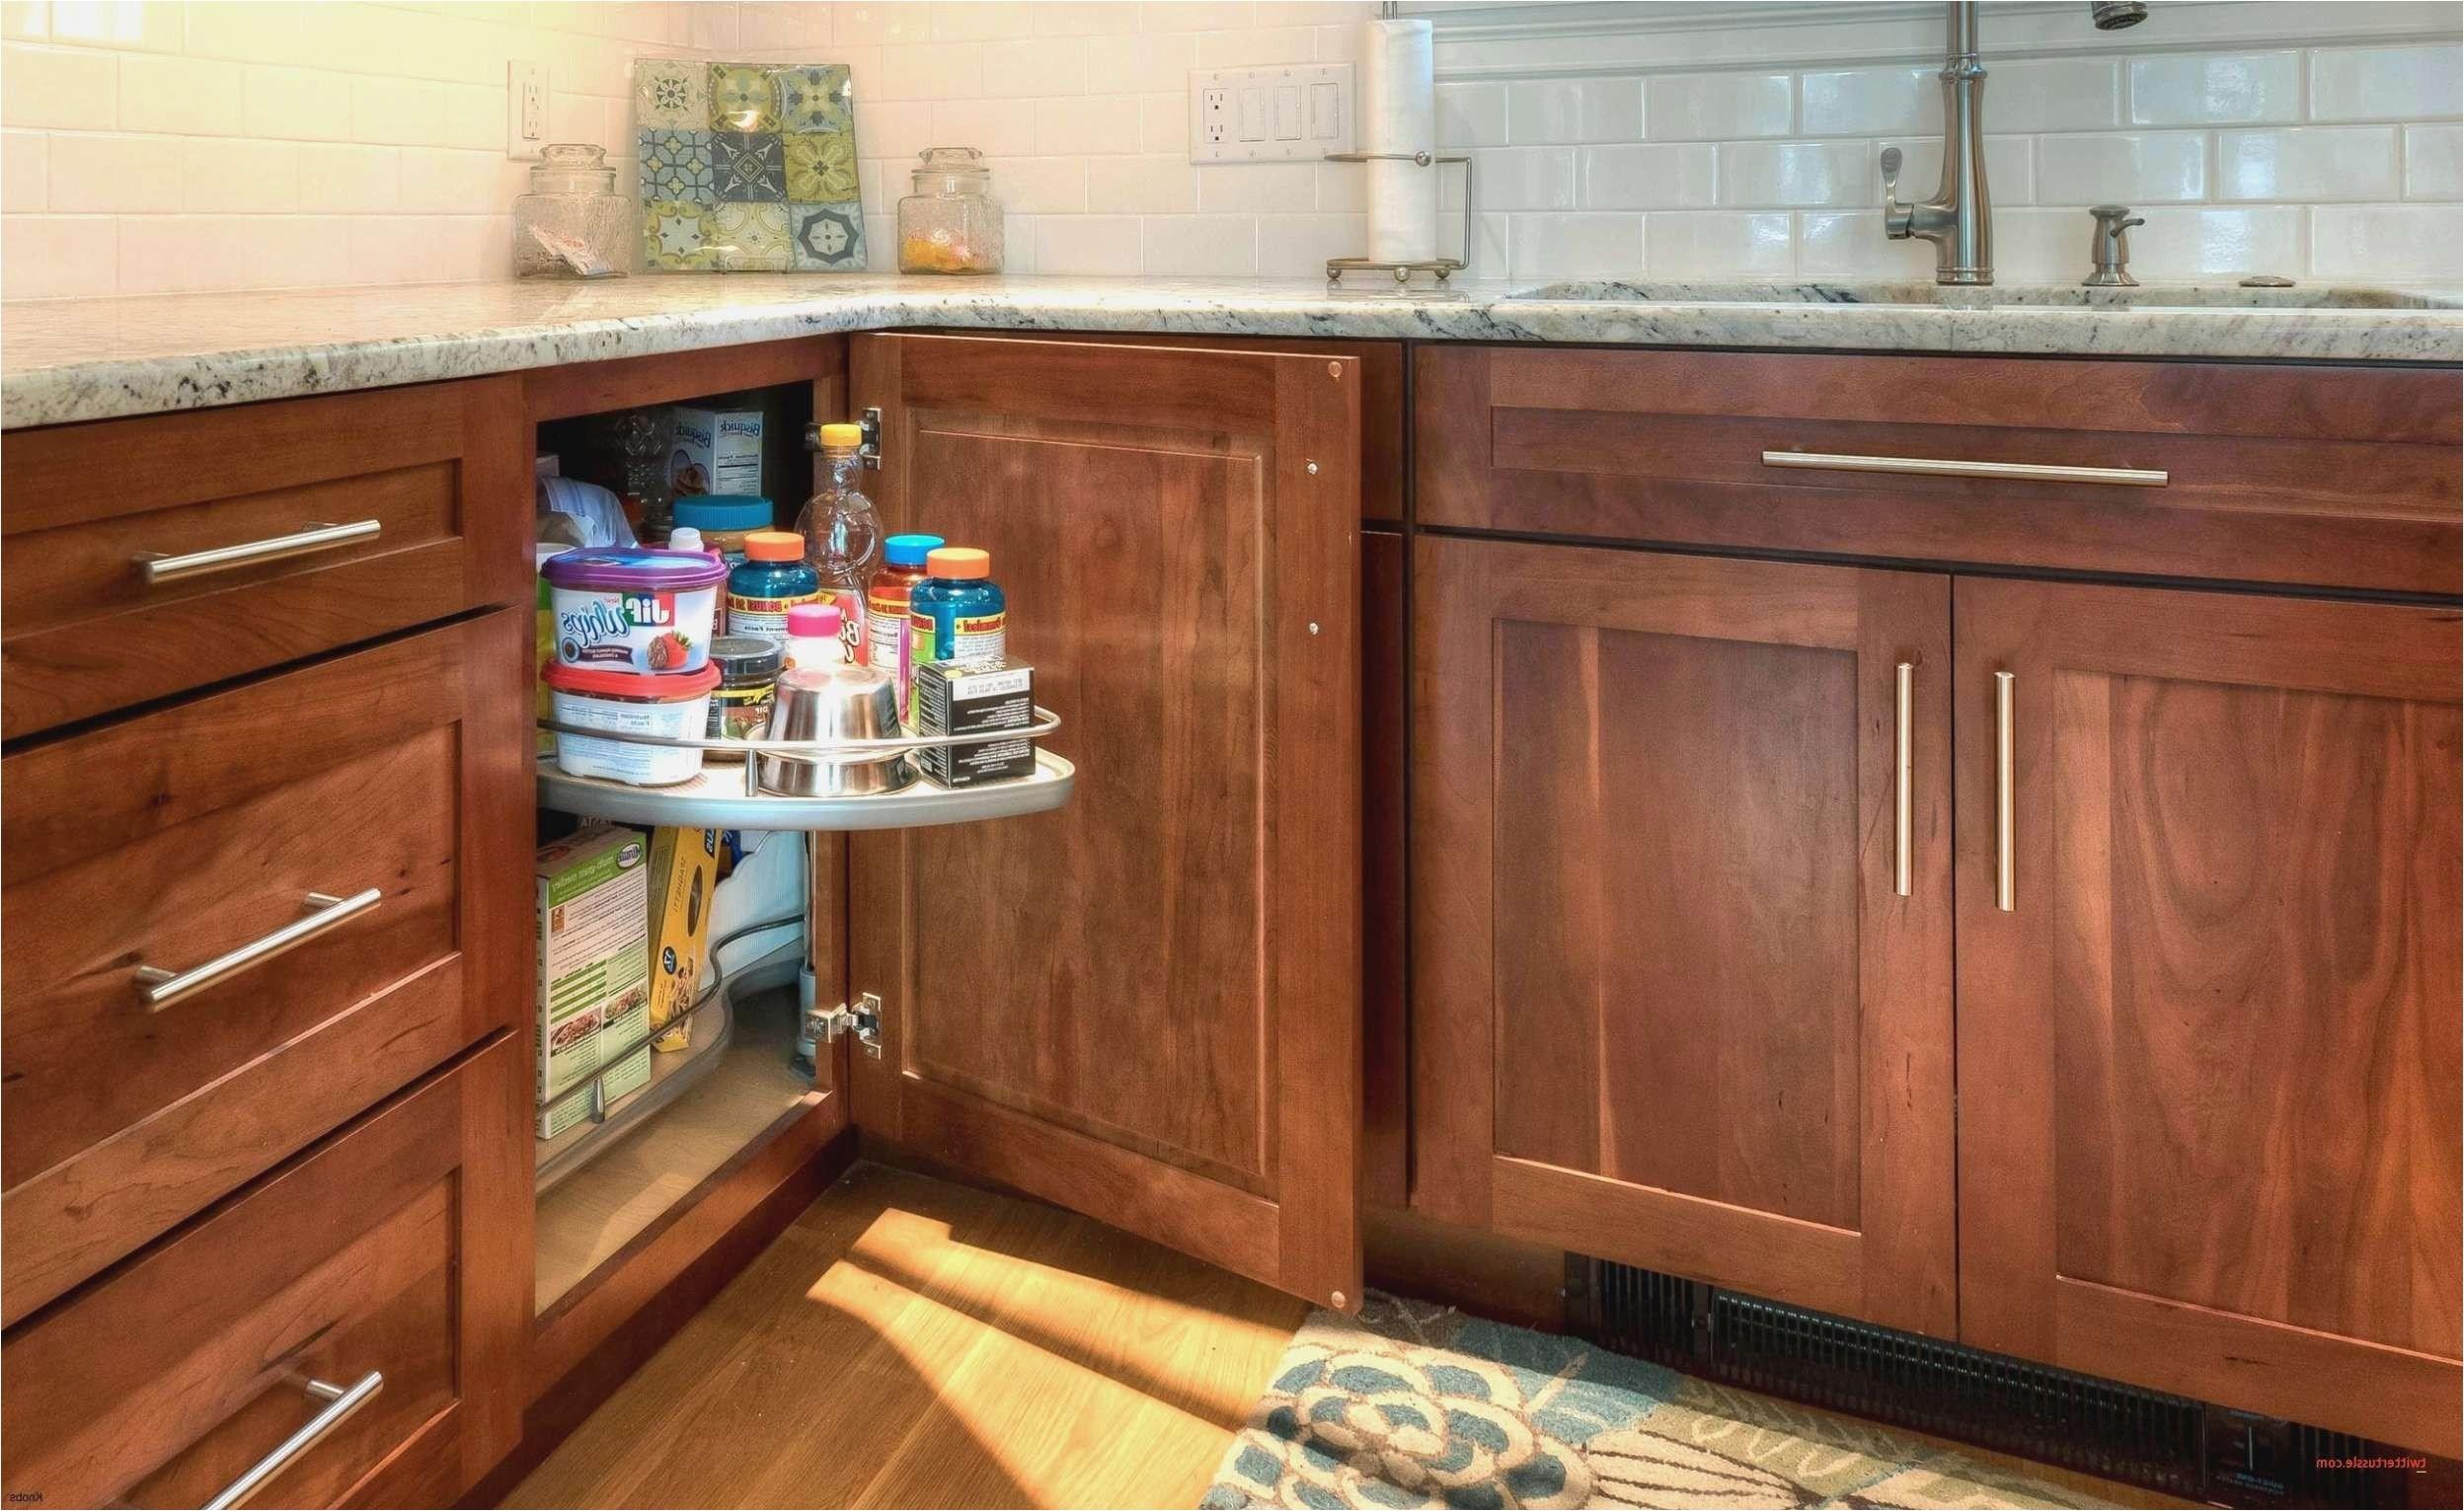 Artistic Bathroom Doors And 25 Luxury Buy Kitchen Cabinet Doors Mattrevors 0d Buy Cupboard